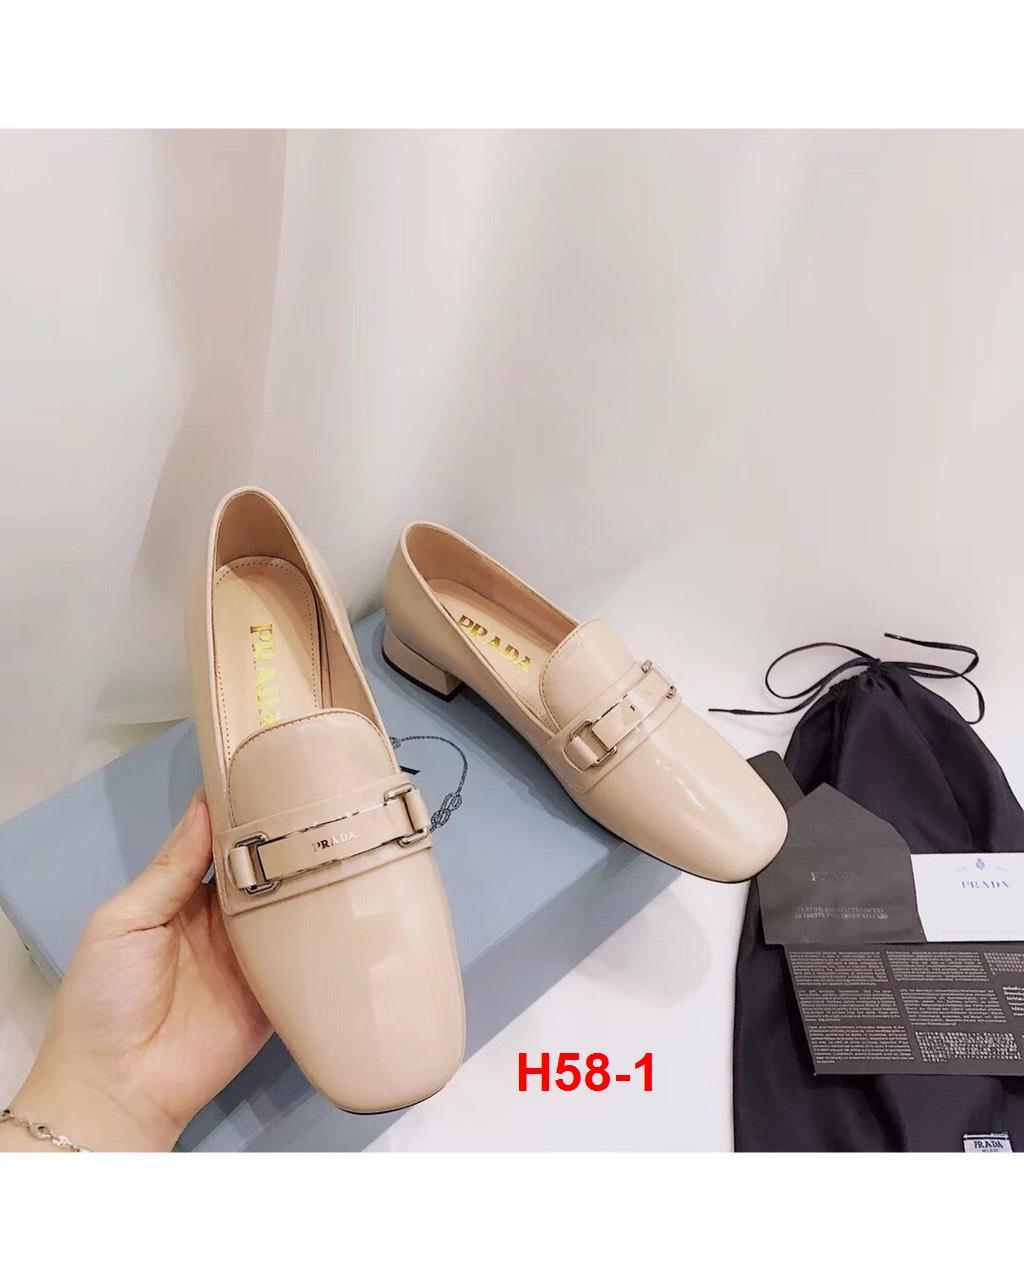 H58-1 Prada giày lười siêu cấp